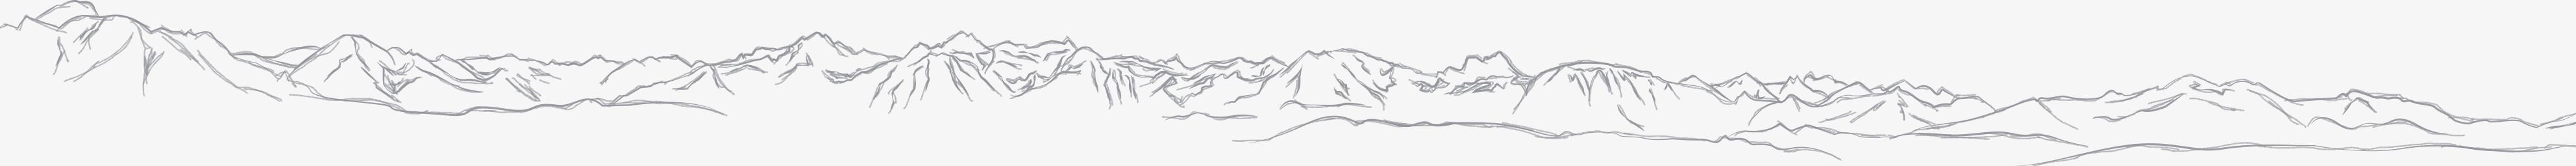 Mächlerhof Panoramagrafik